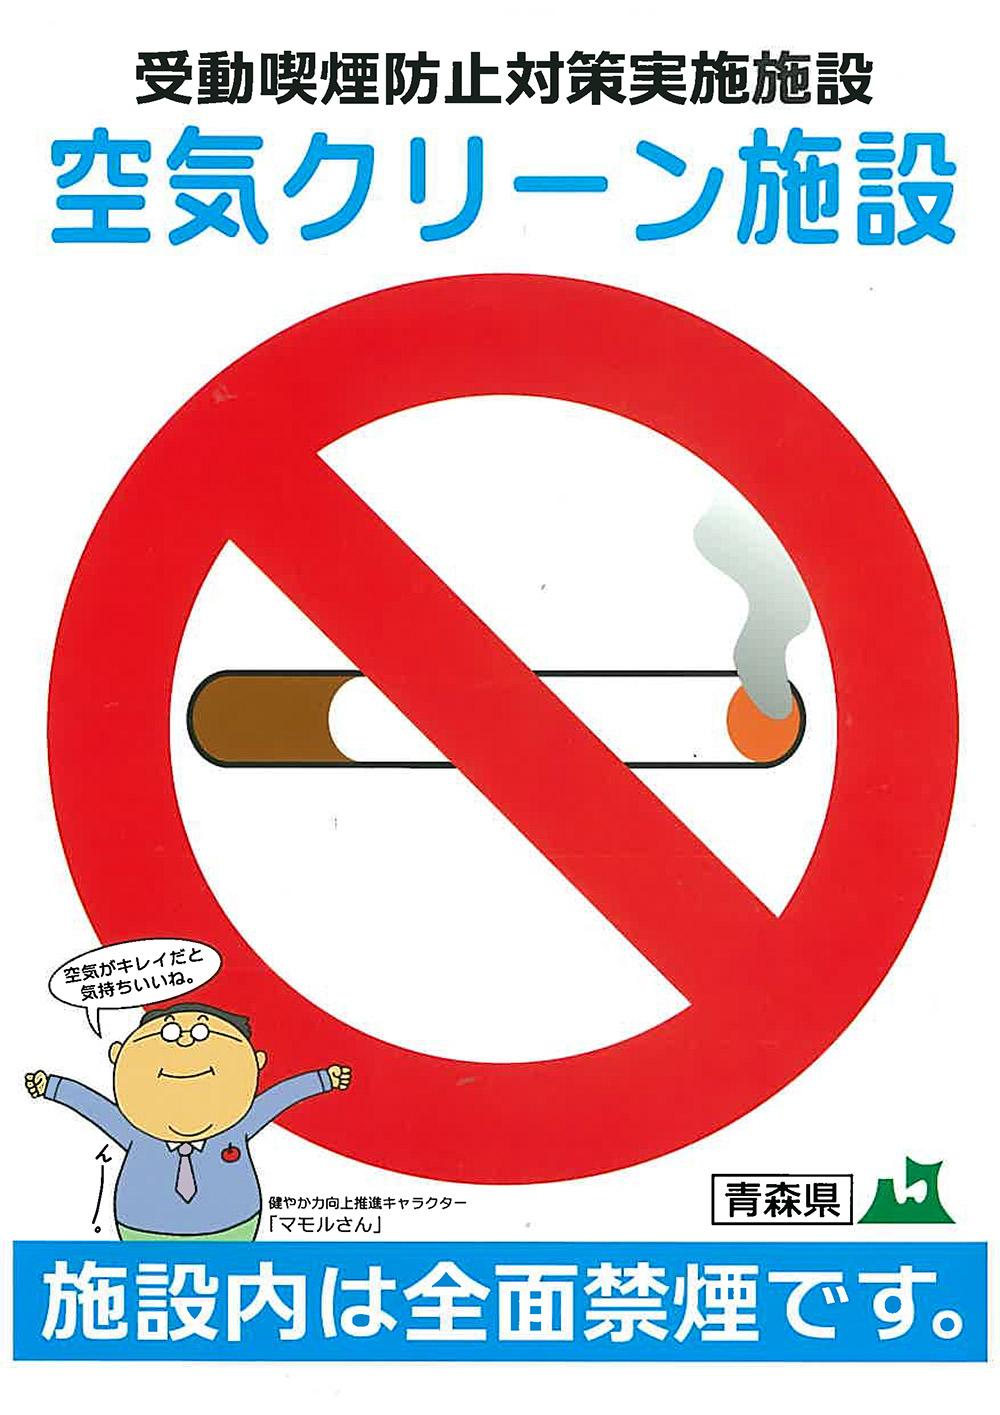 青森県認定 空気クリーン施設